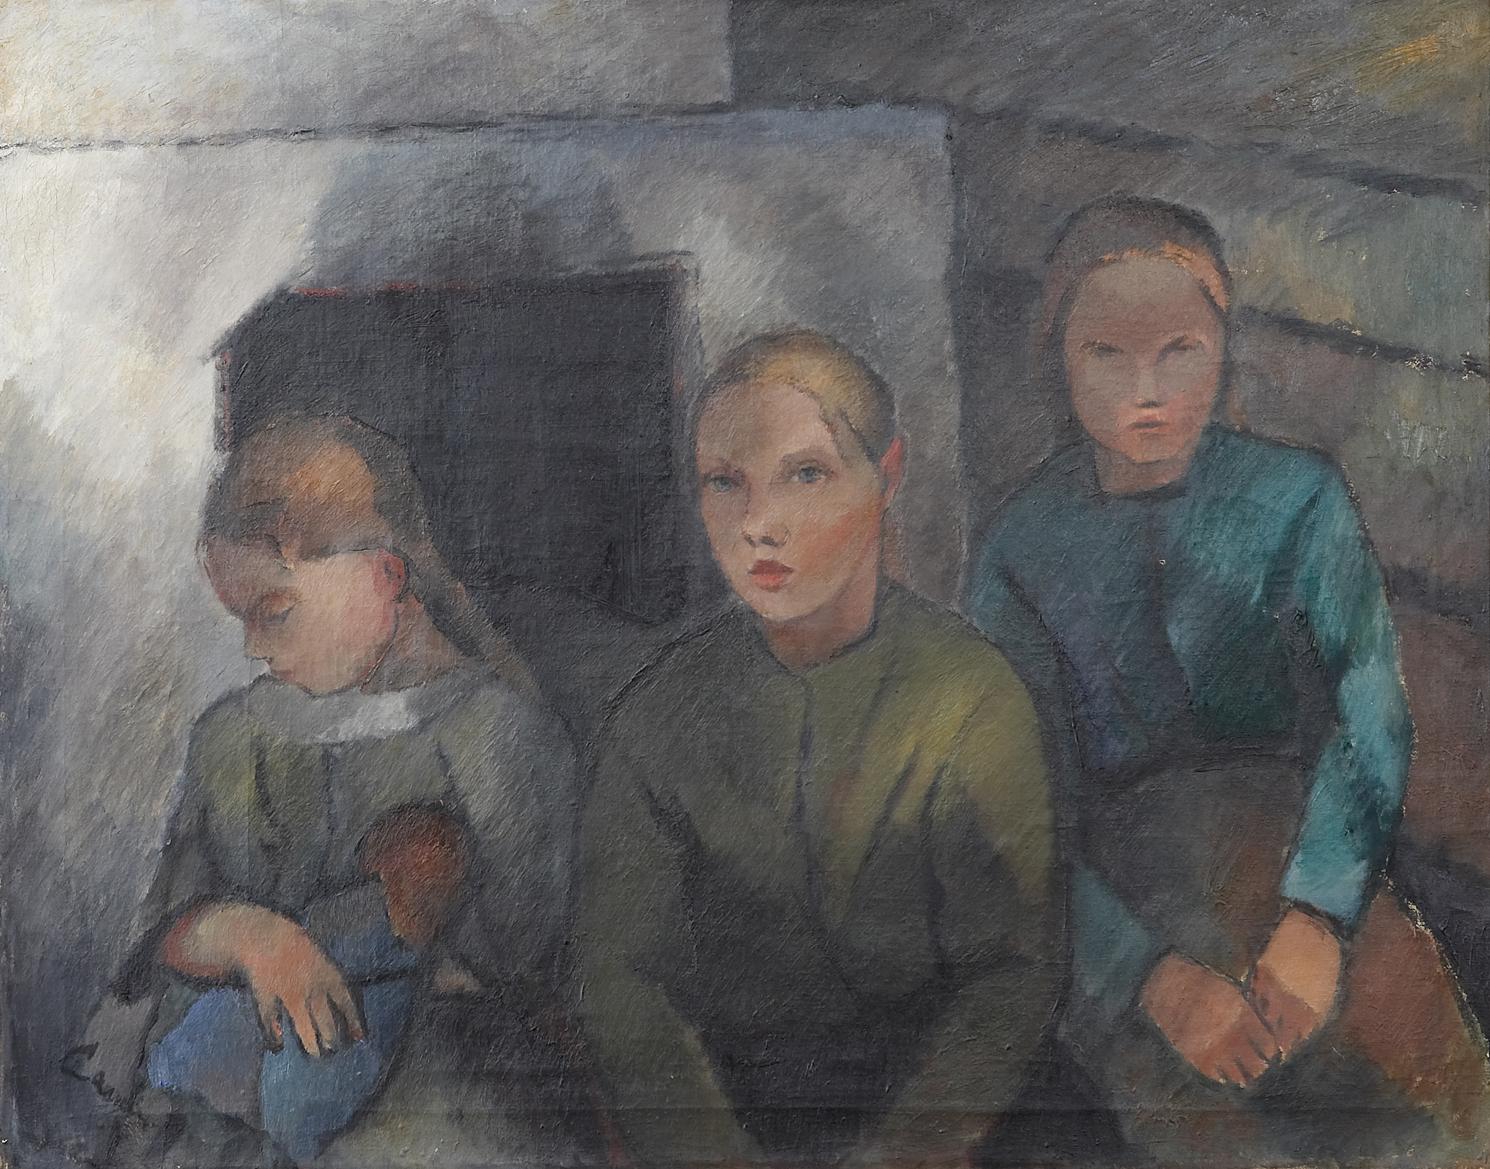 Alvar Cawén: Siskokset